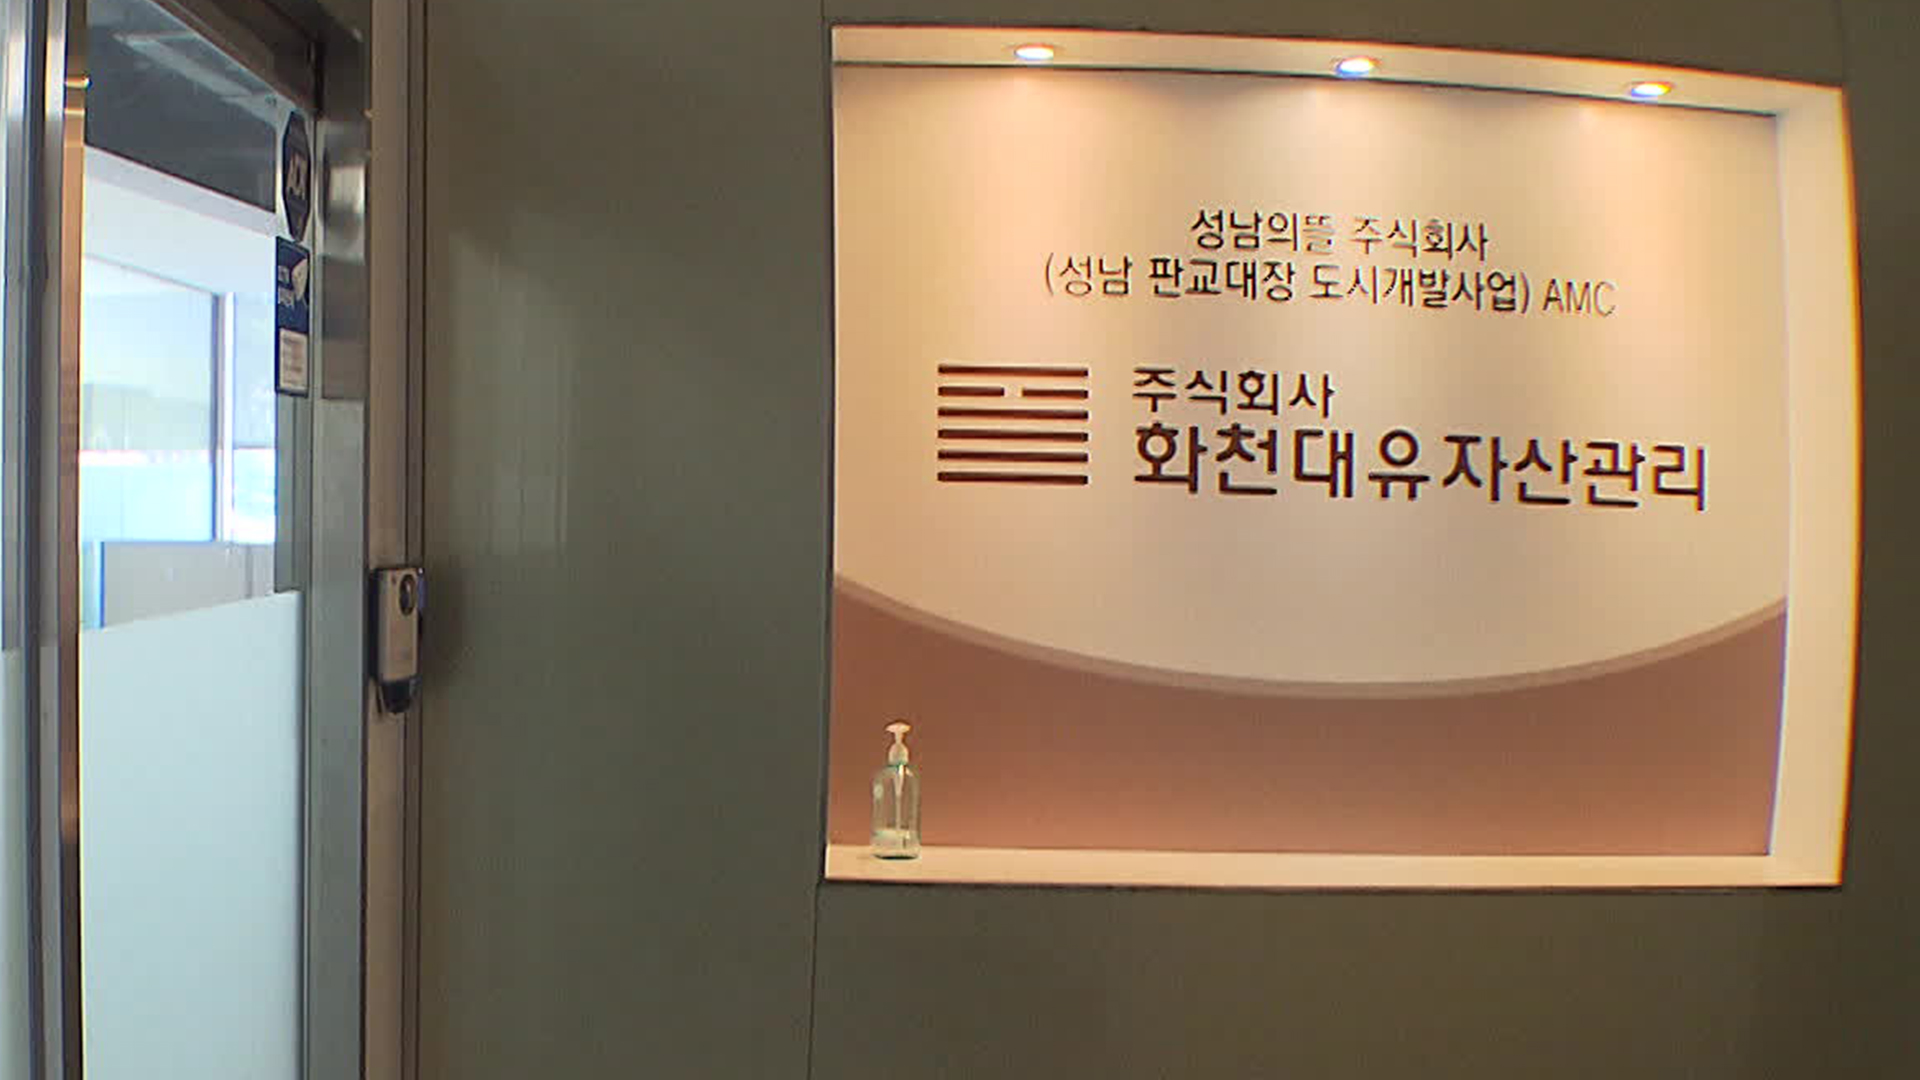 월급 3백만 원 안팎 곽상도 아들 화천대유서 '50억' 왜?